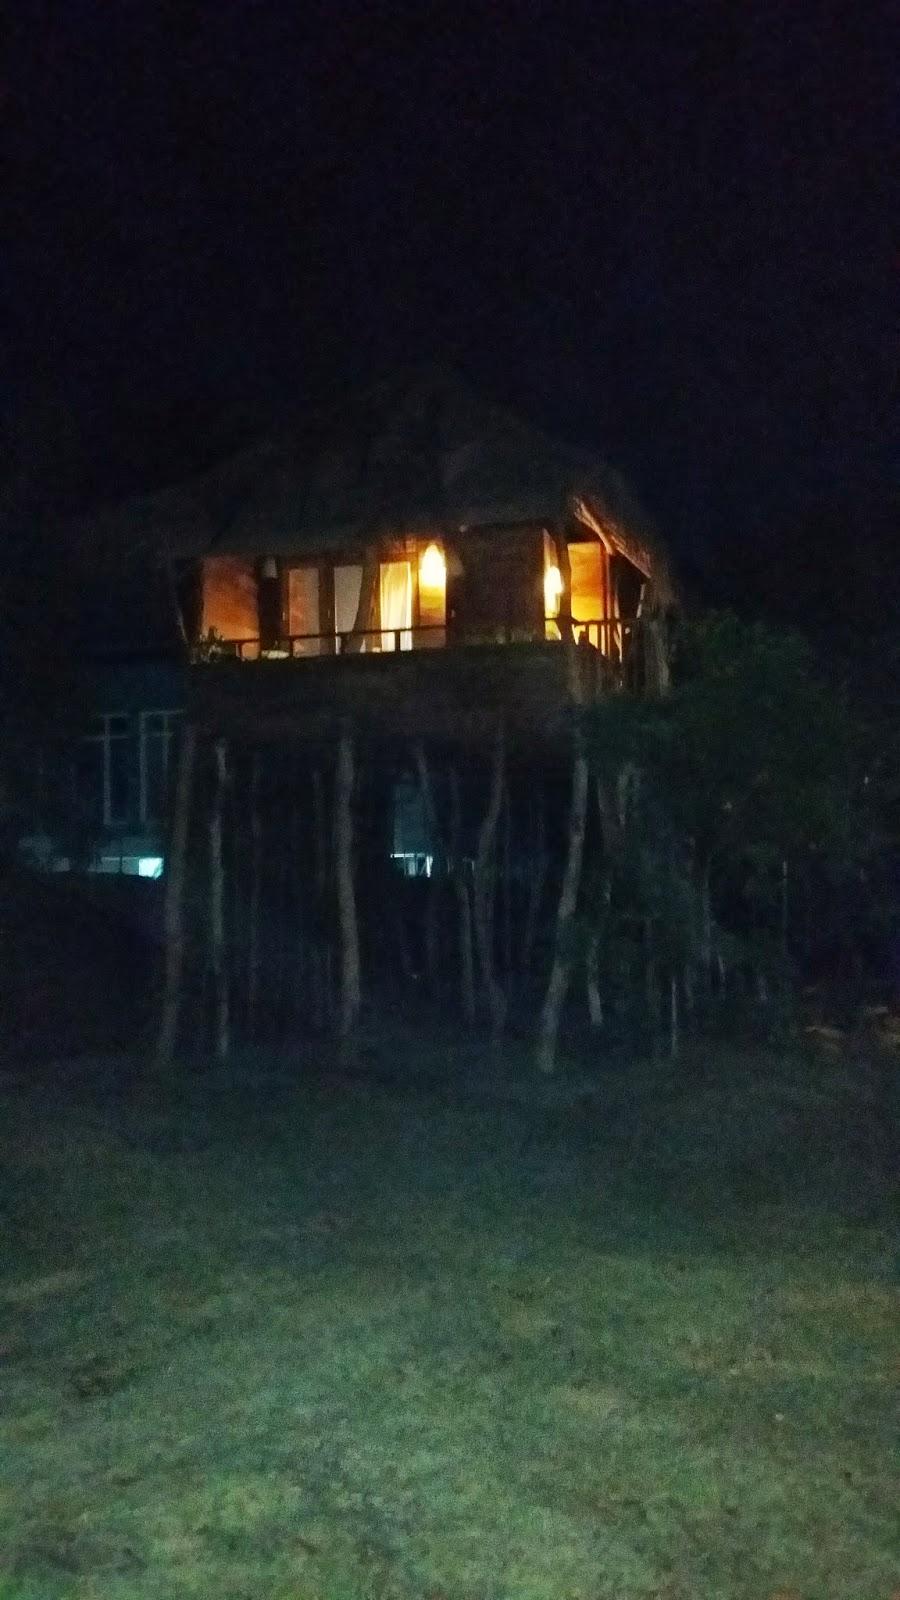 Habitaciones de hotel en cabañas. Tangalla (Sri Lanka)